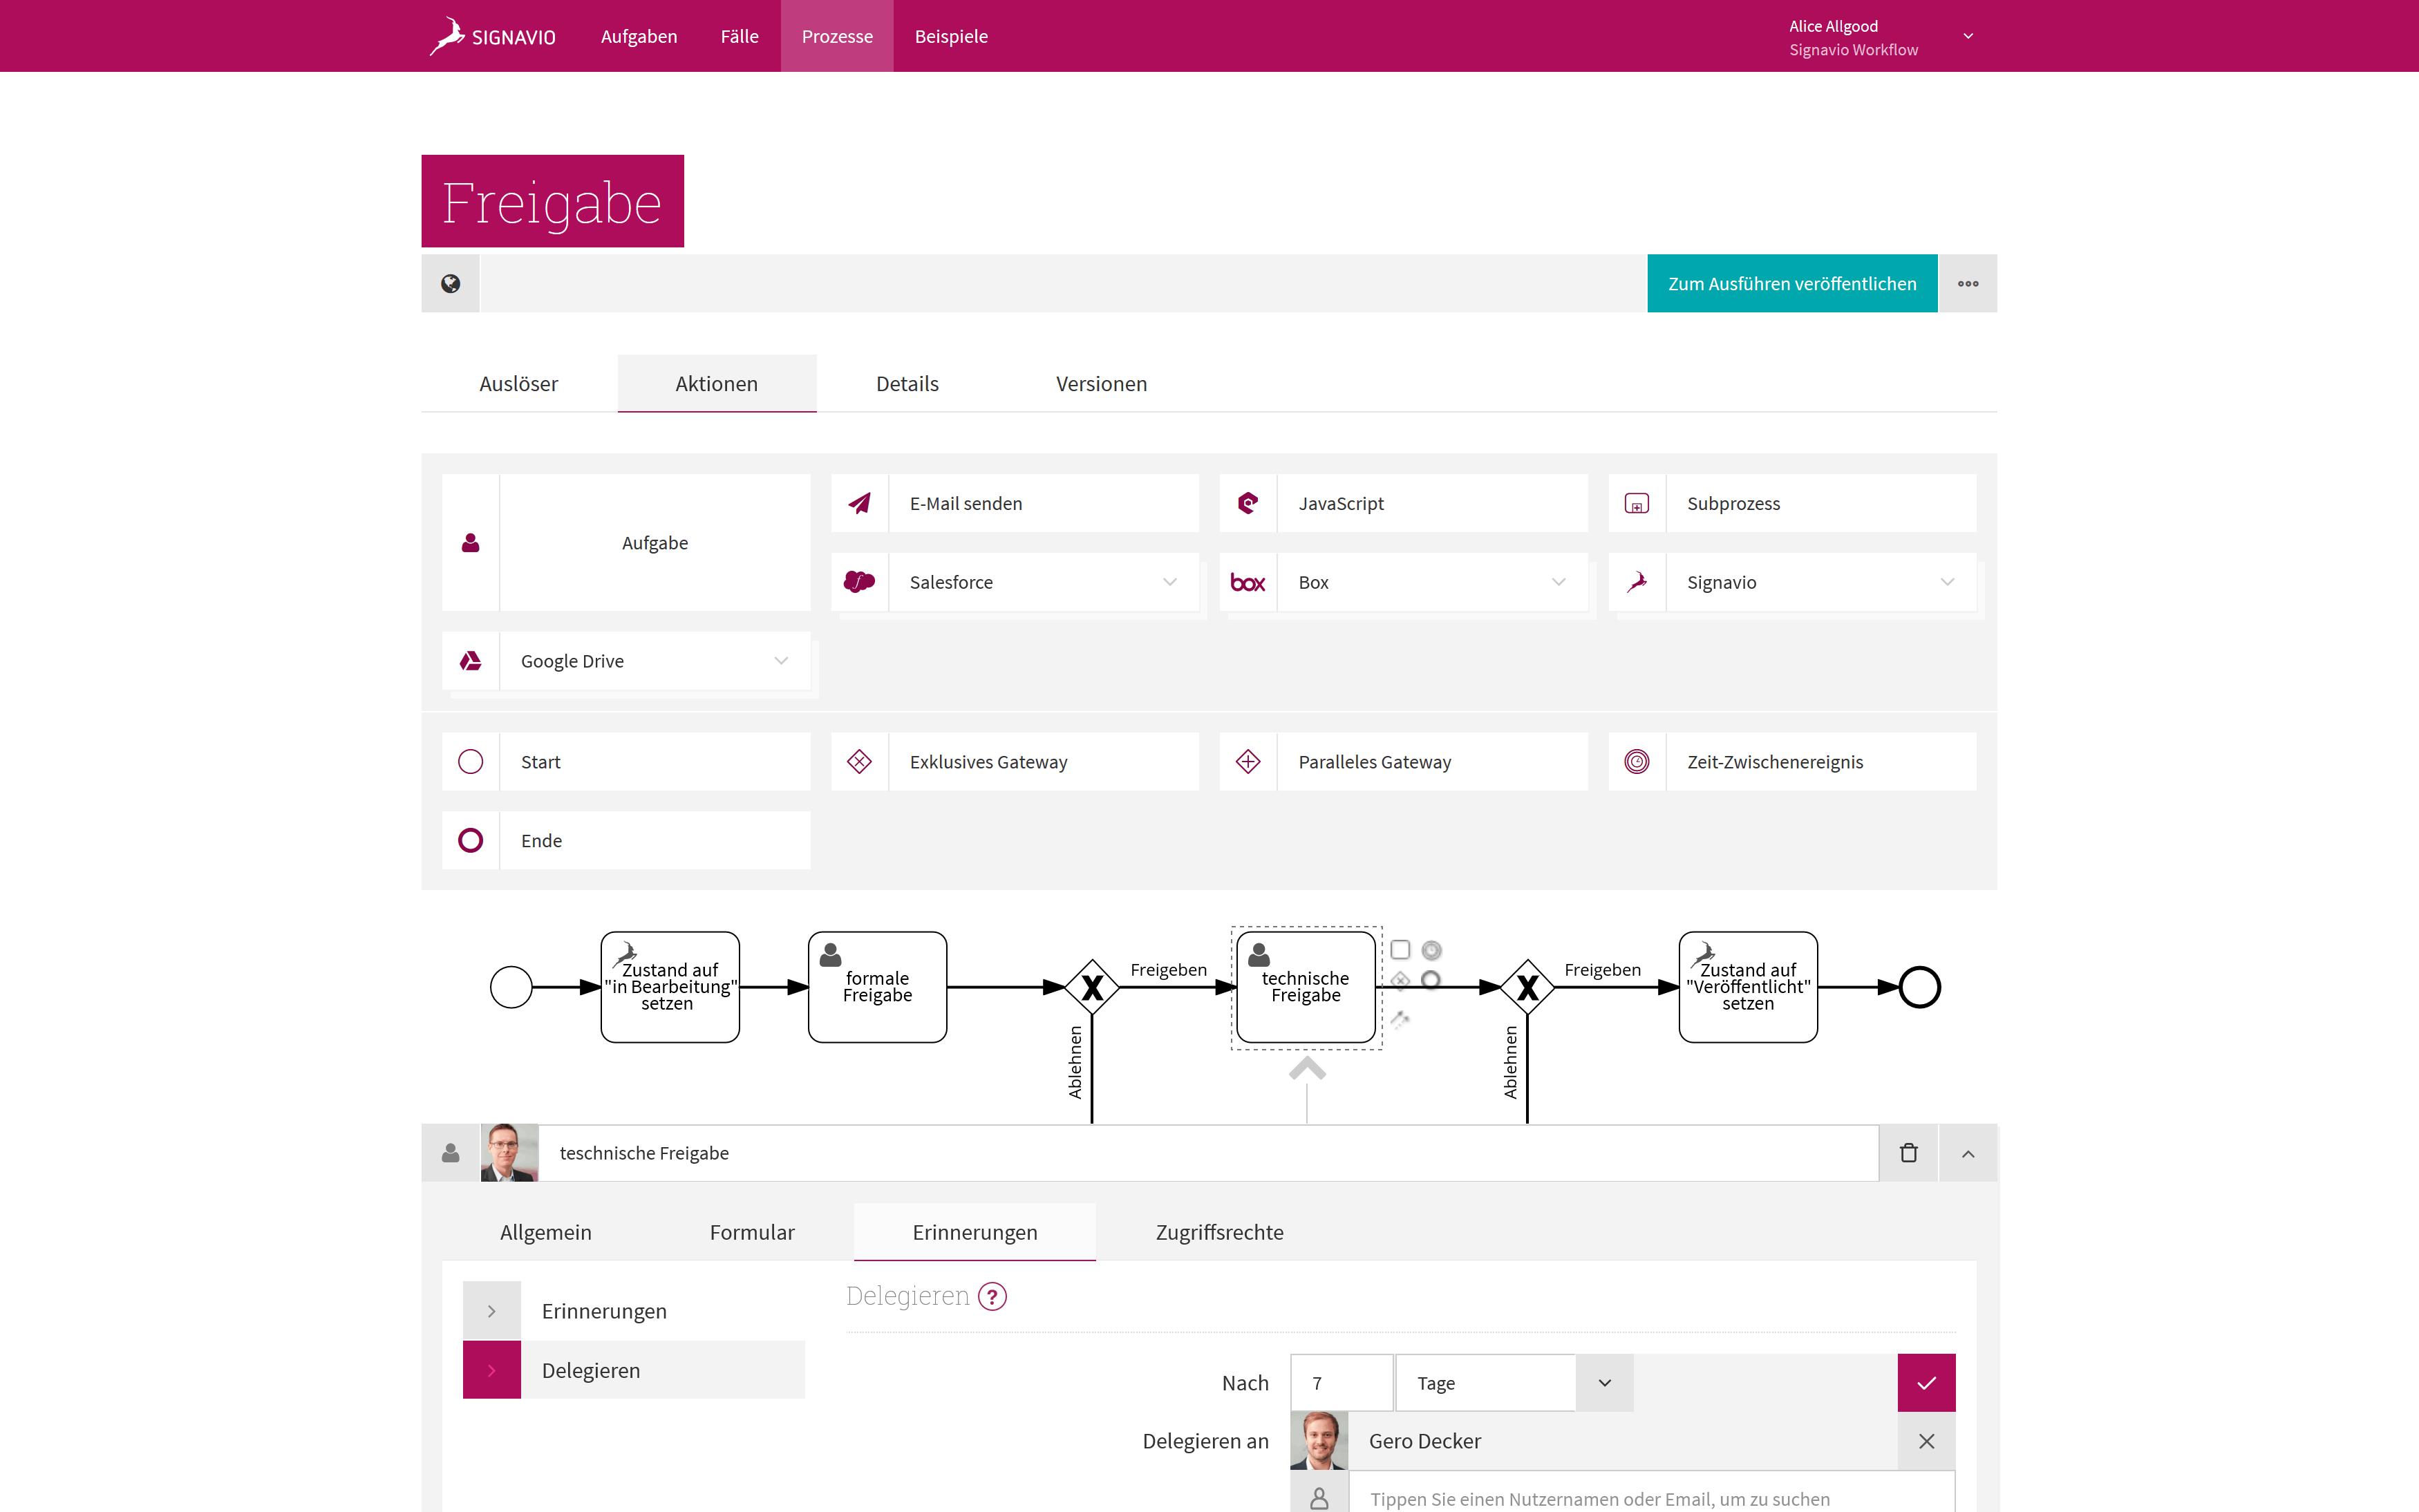 Freigabe-Workflow - Effektif und Signavio Screenshot